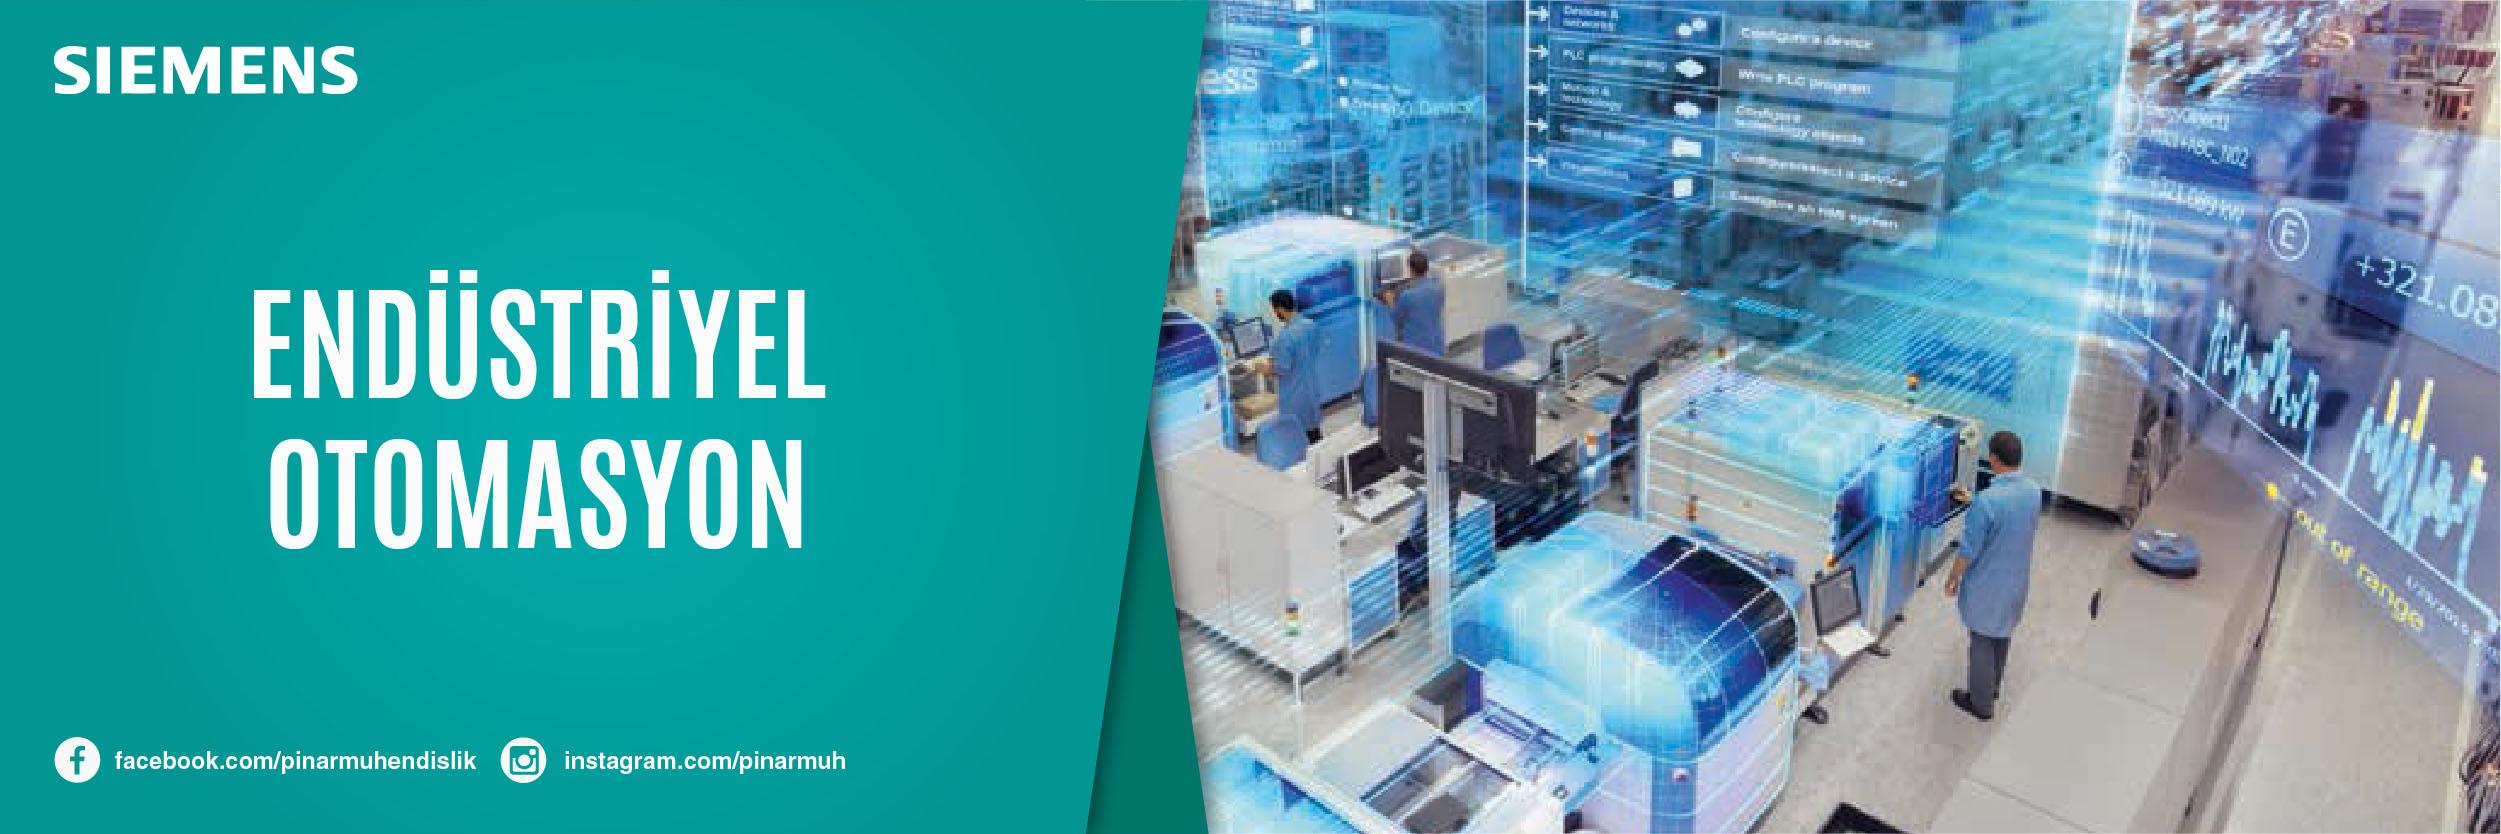 Siemens Endüstriyel Otomasyon Ürünleri